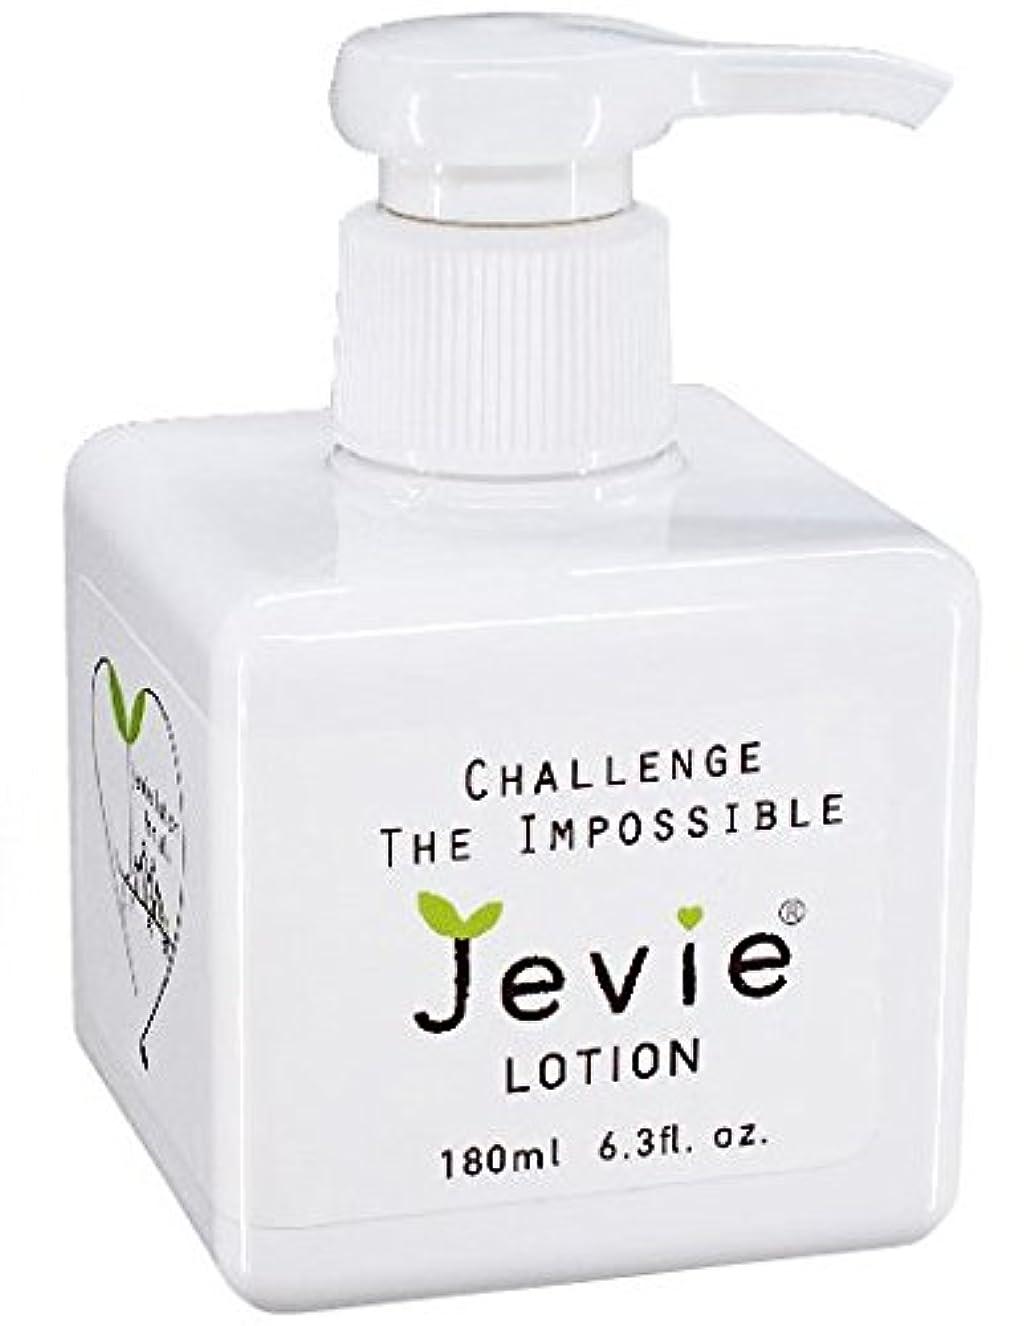 予報いらいらさせる原稿ジェヴィローション(Jevie Lotion)